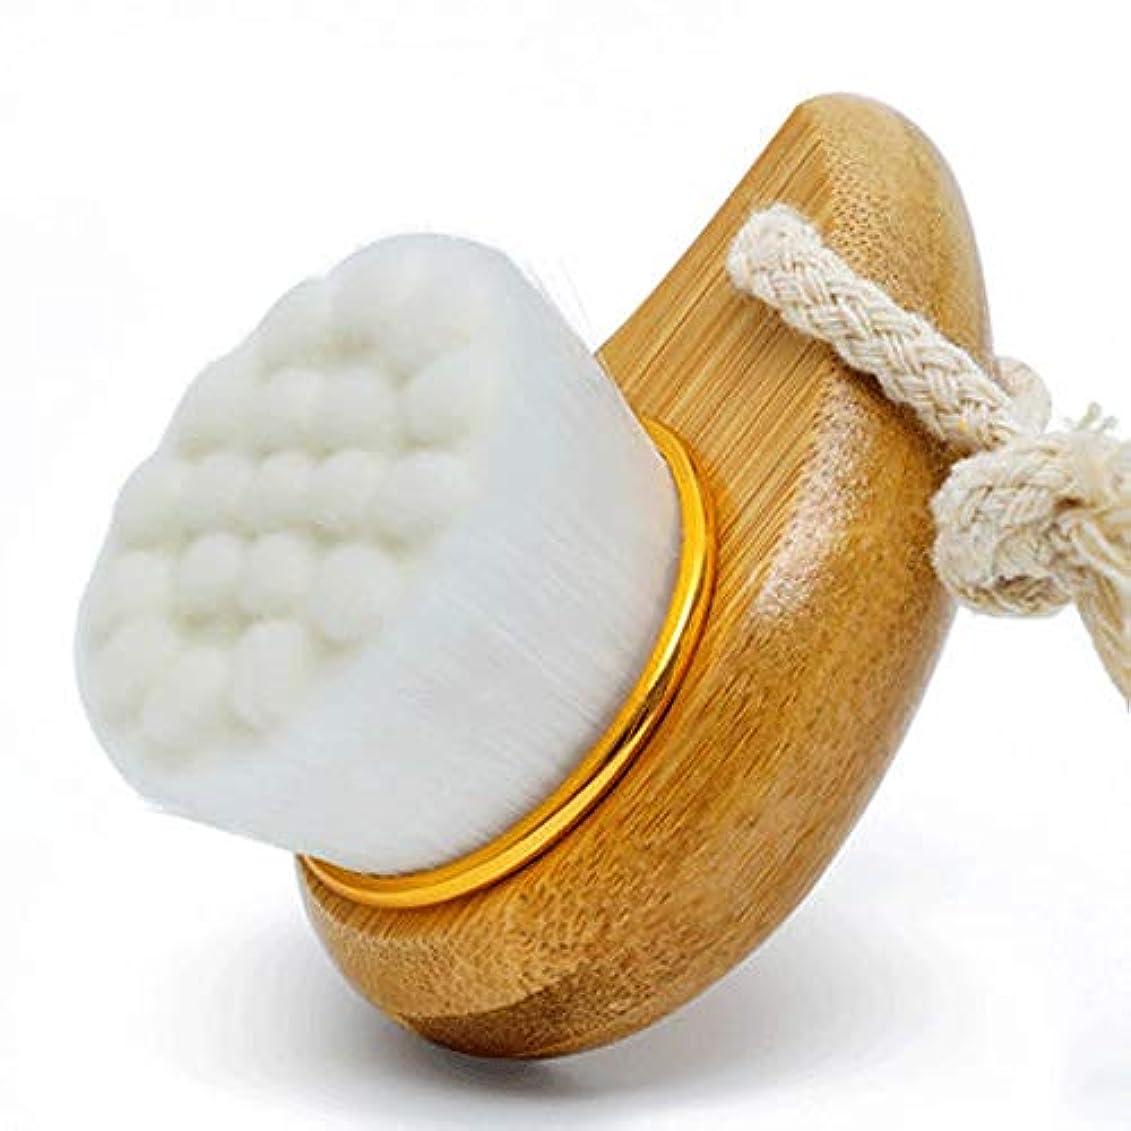 申し立てられた揃える魔女HEHUIHUI- クレンジングブラシ、防水ディープクレンジングポア、電気剥離、にきび、アンチエイジングクレンジングブラシ(ホワイト) (Color : White)